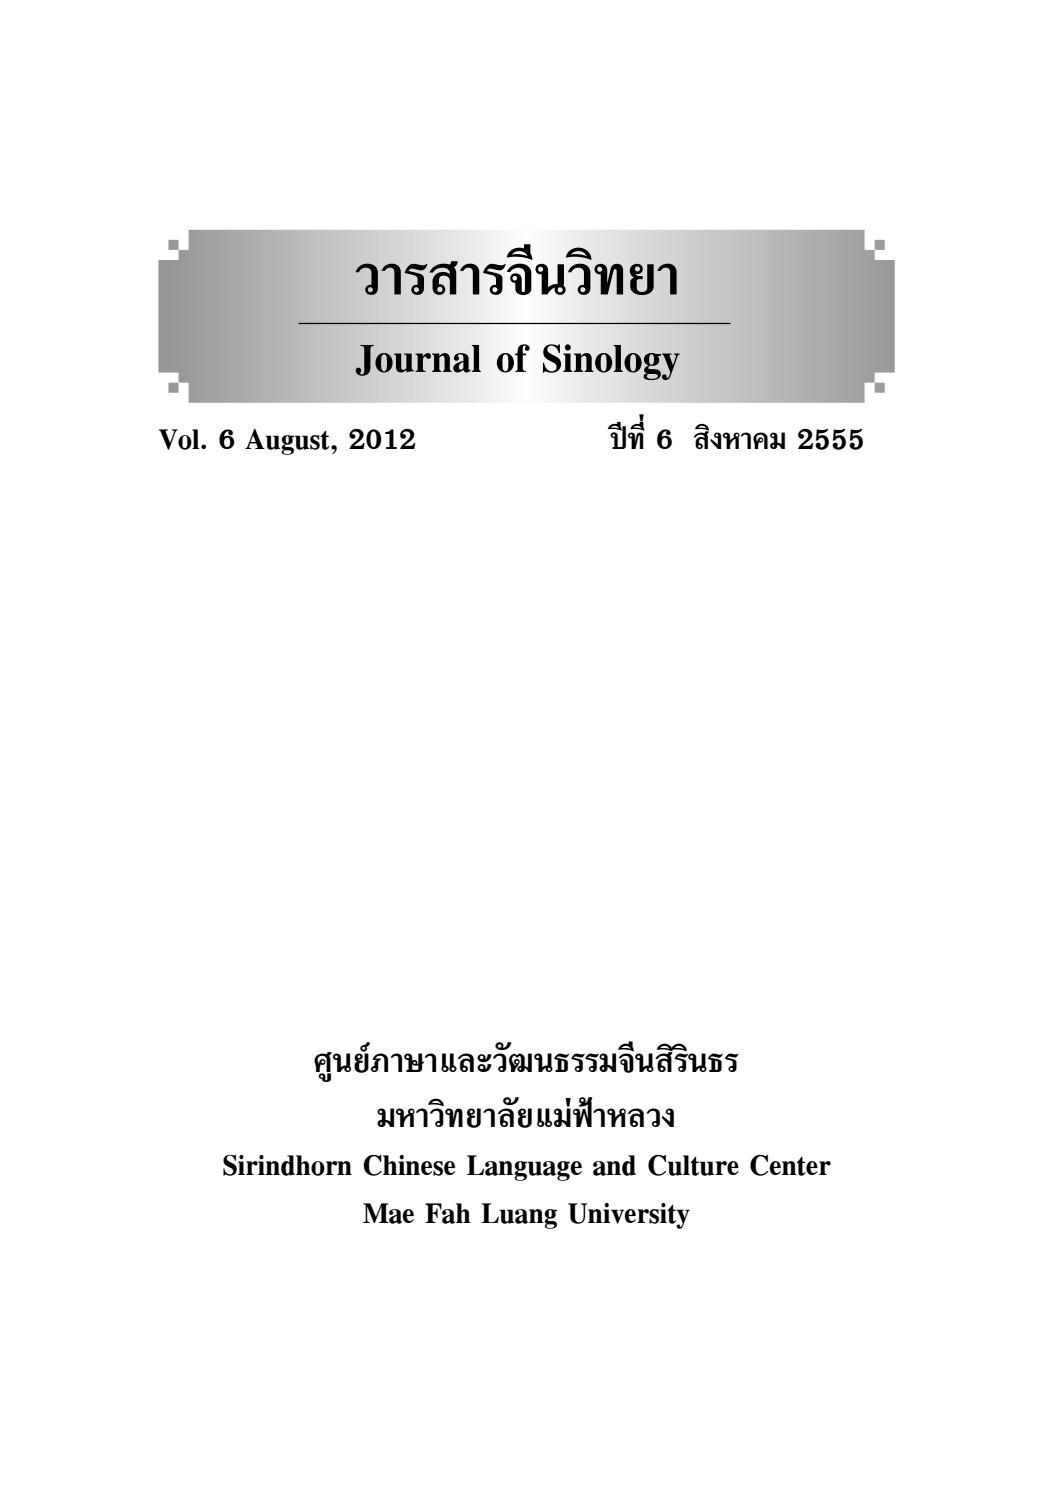 วารสารจีนวิทยา ปีที่ 6 สิงหาคม 2555 by Mae Fah Luang